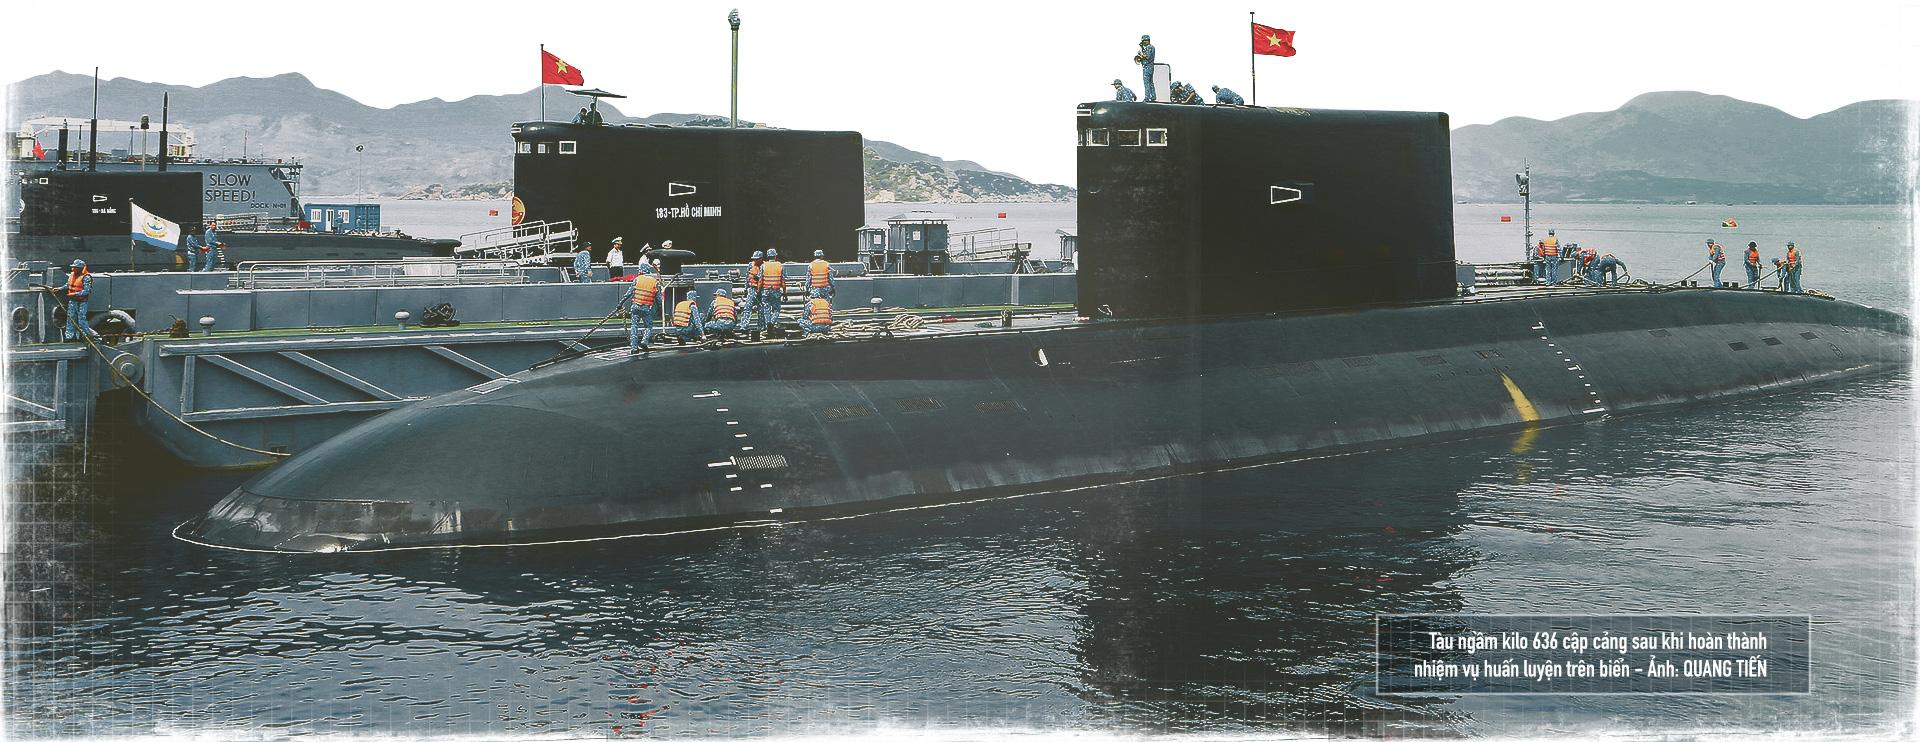 Kíp tàu ngầm đầu tiên của Việt Nam - những câu chuyện bây giờ mới kể - Ảnh 12.